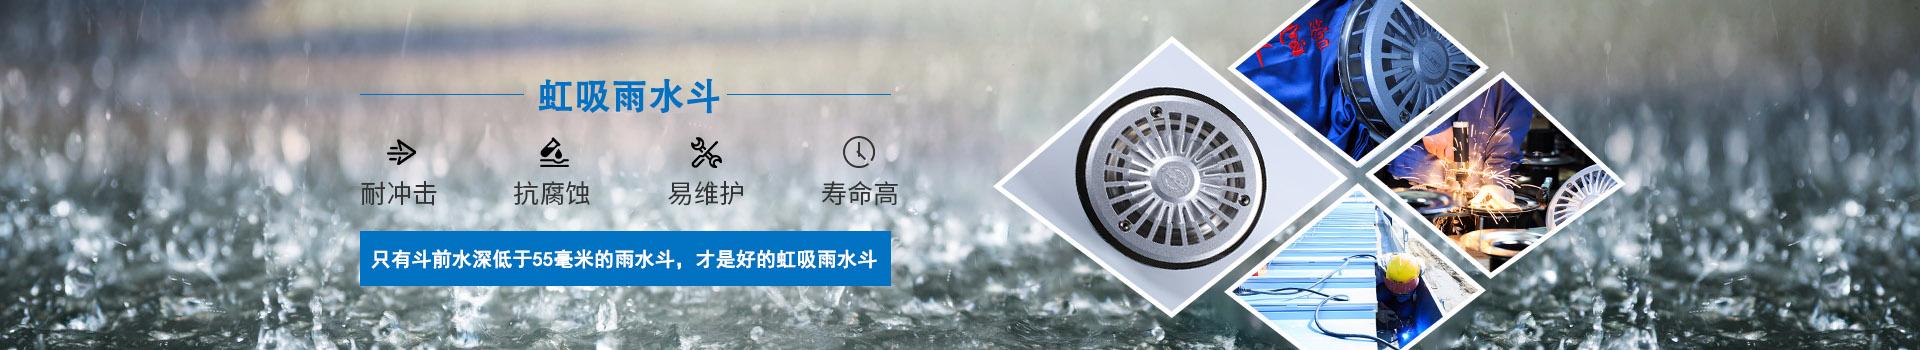 虹吸雨水斗广告